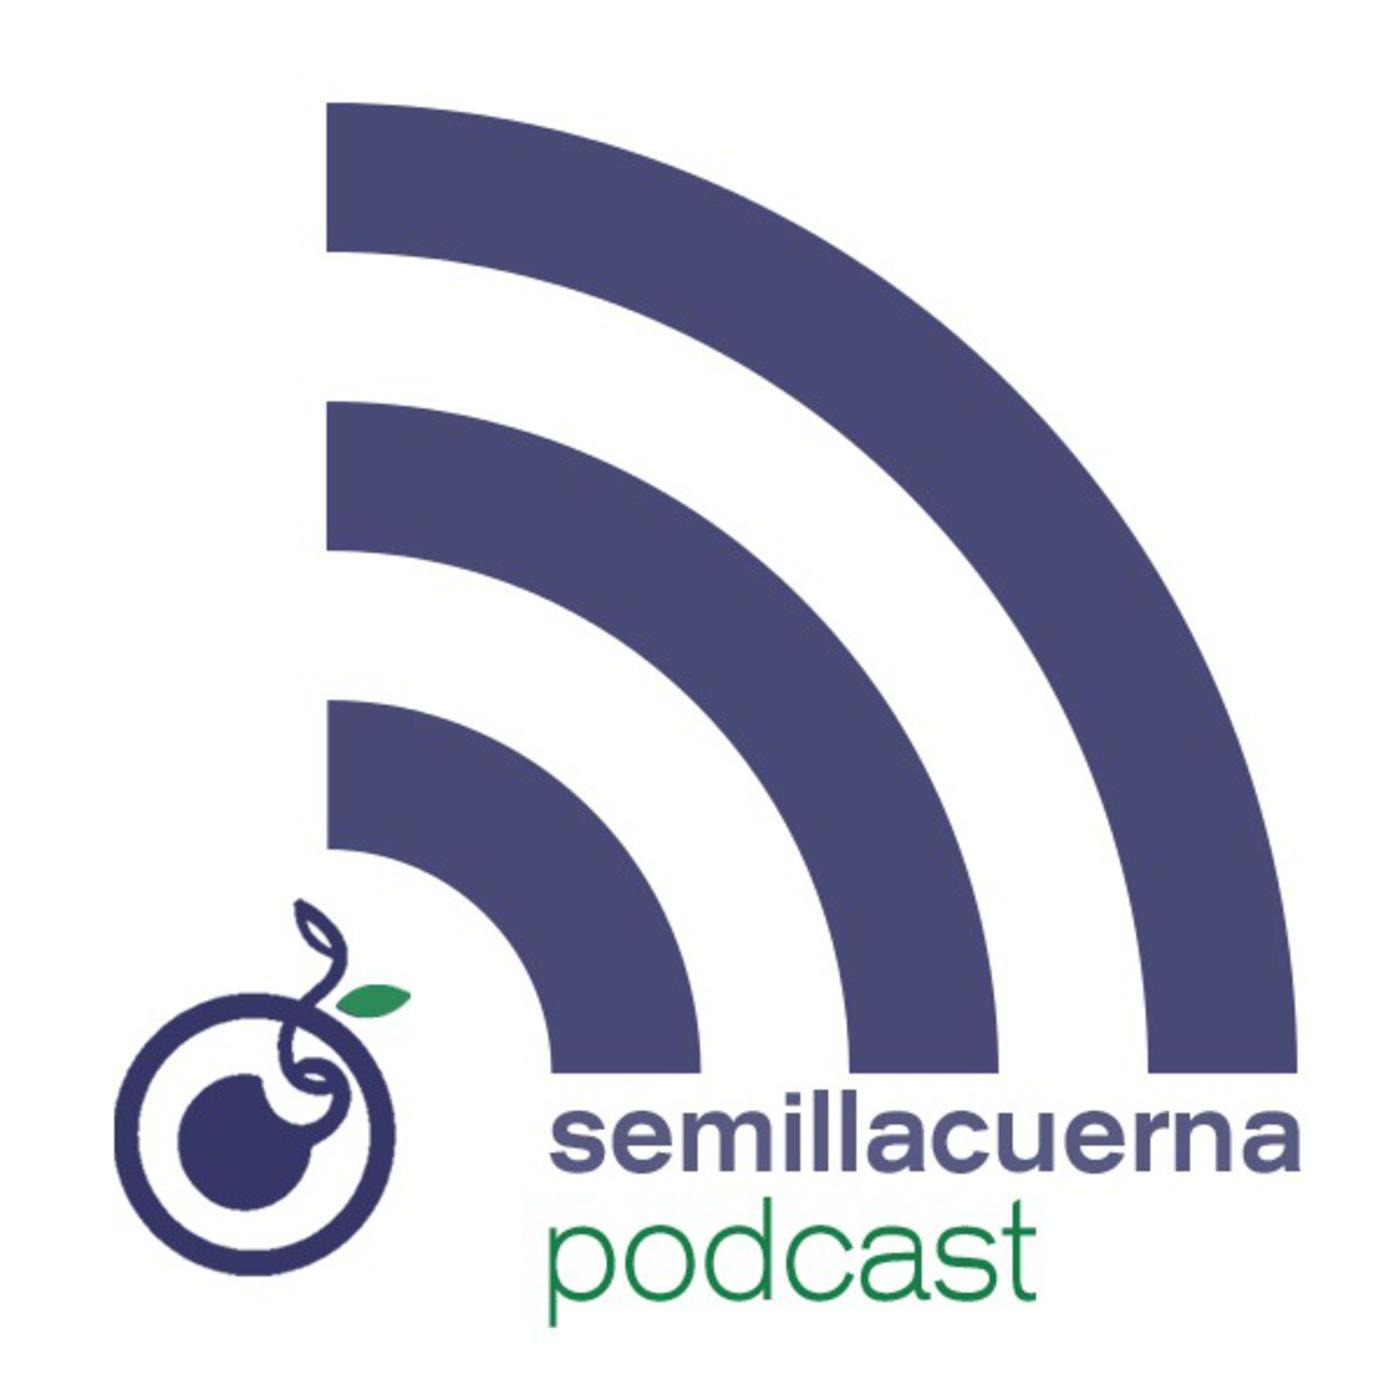 Semilla de Mostaza Cuernavaca Podcast